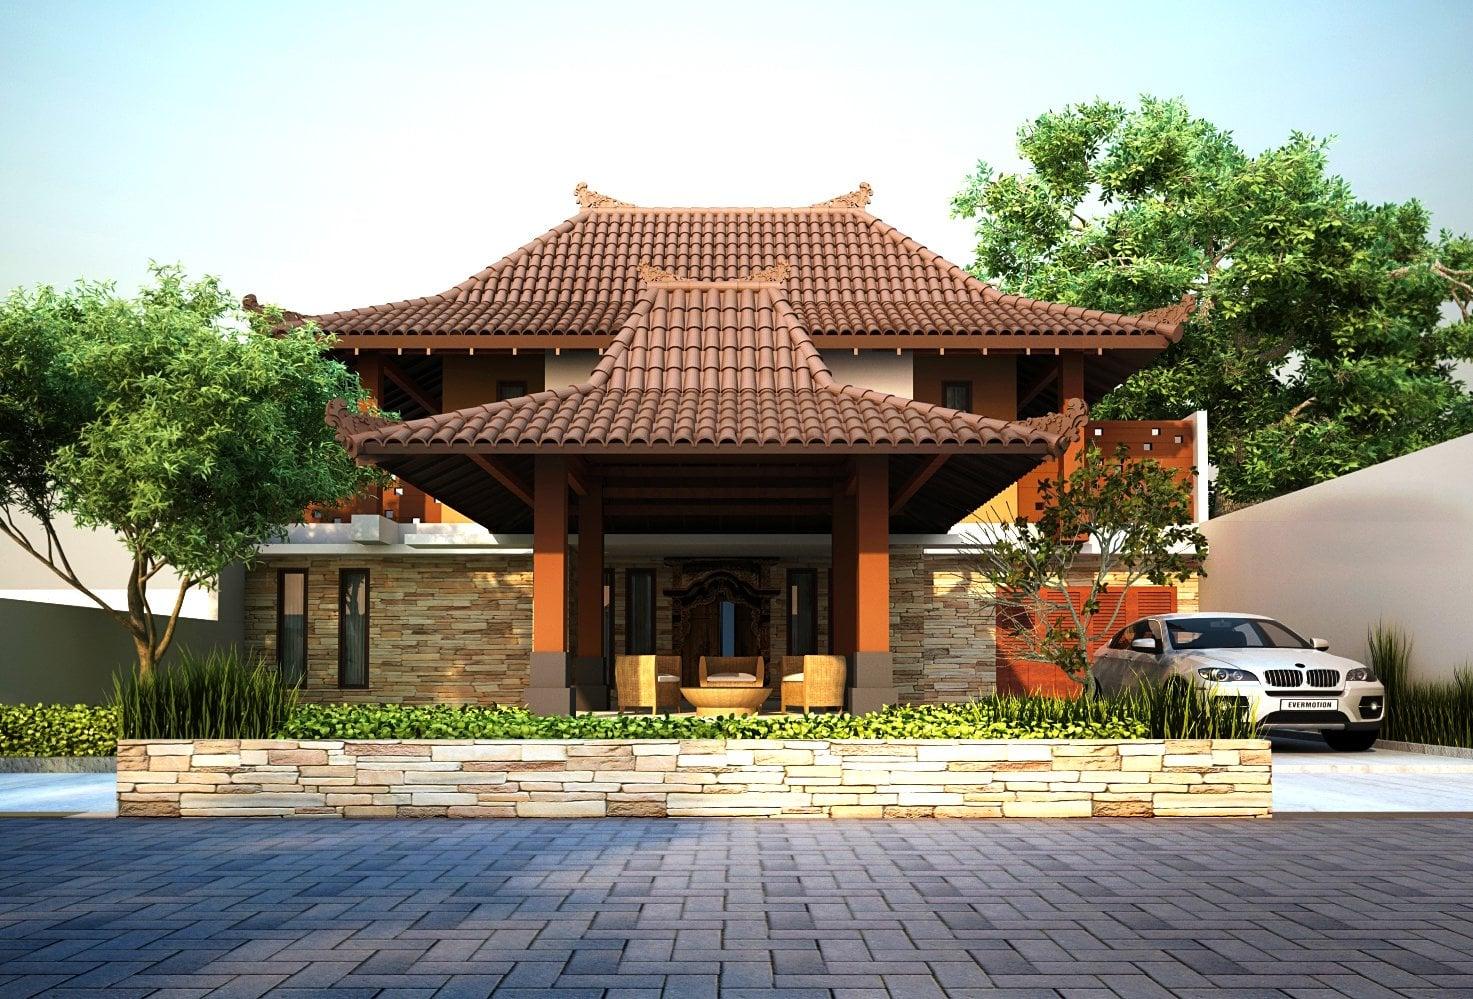 Mewah 21 Gambar Rumah Joglo Terbaru 99 Di Inspirasi Untuk Merombak Rumah oleh 21 Gambar Rumah Joglo Terbaru